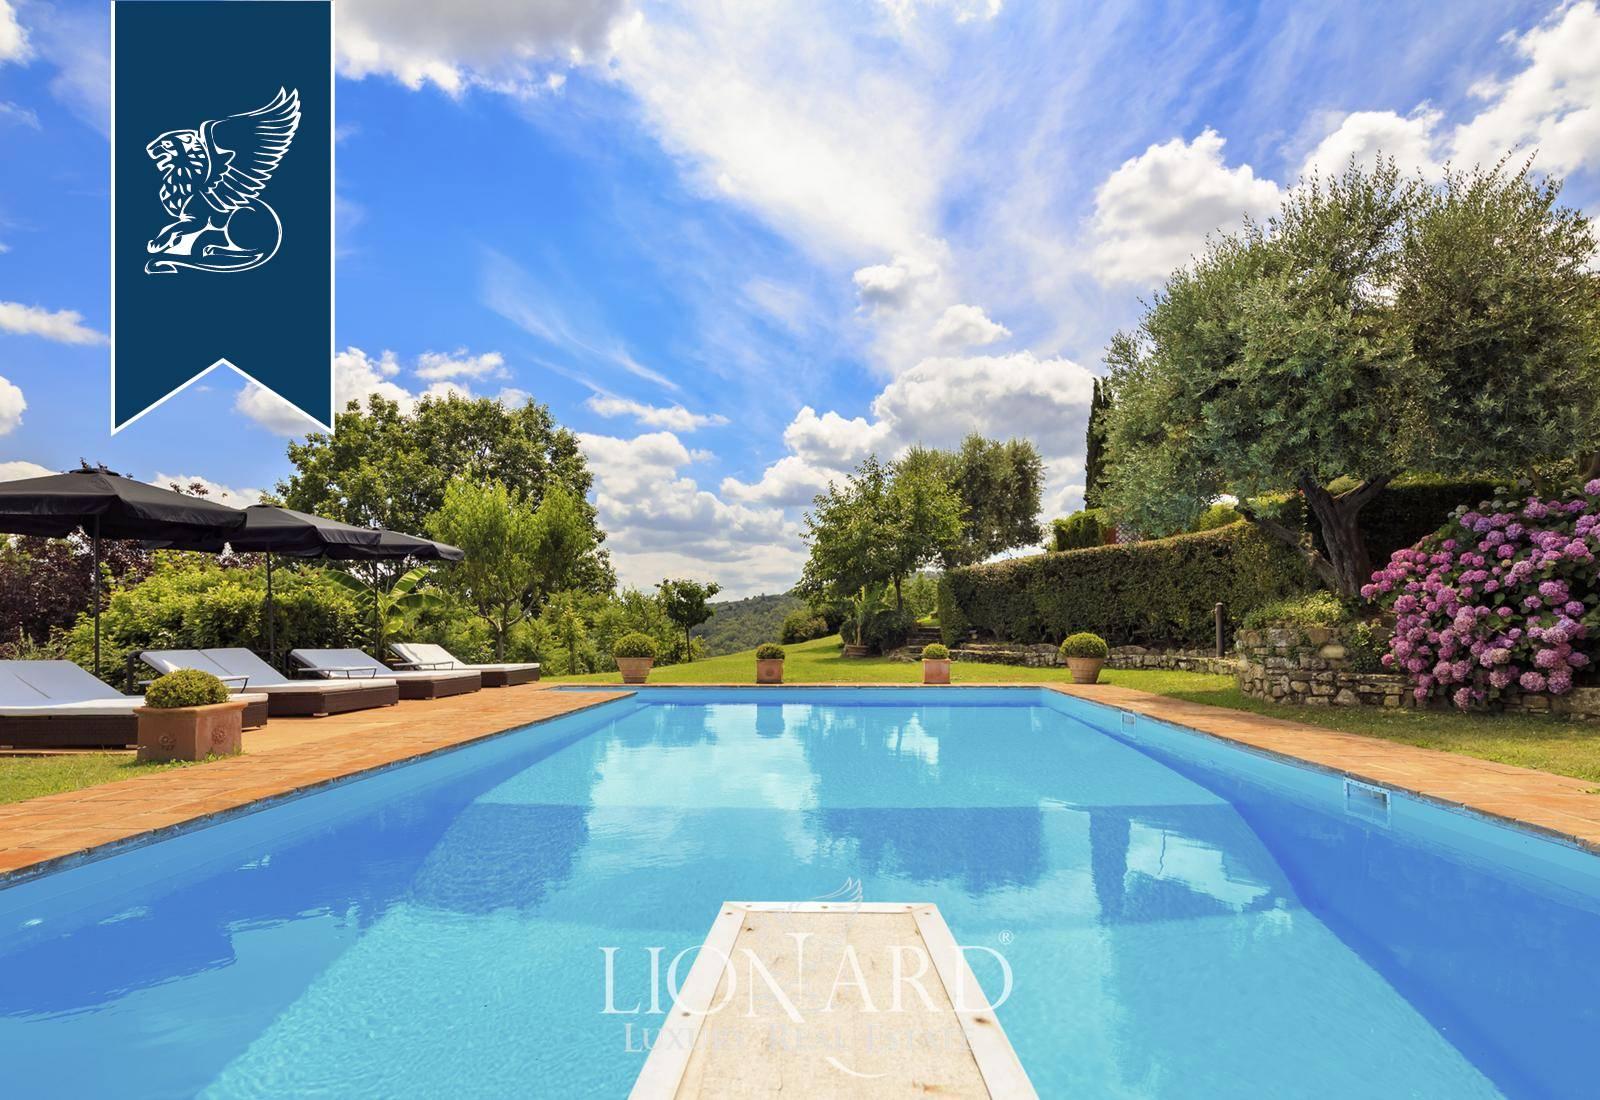 Villa in Vendita a Rignano Sull'Arno: 0 locali, 550 mq - Foto 9